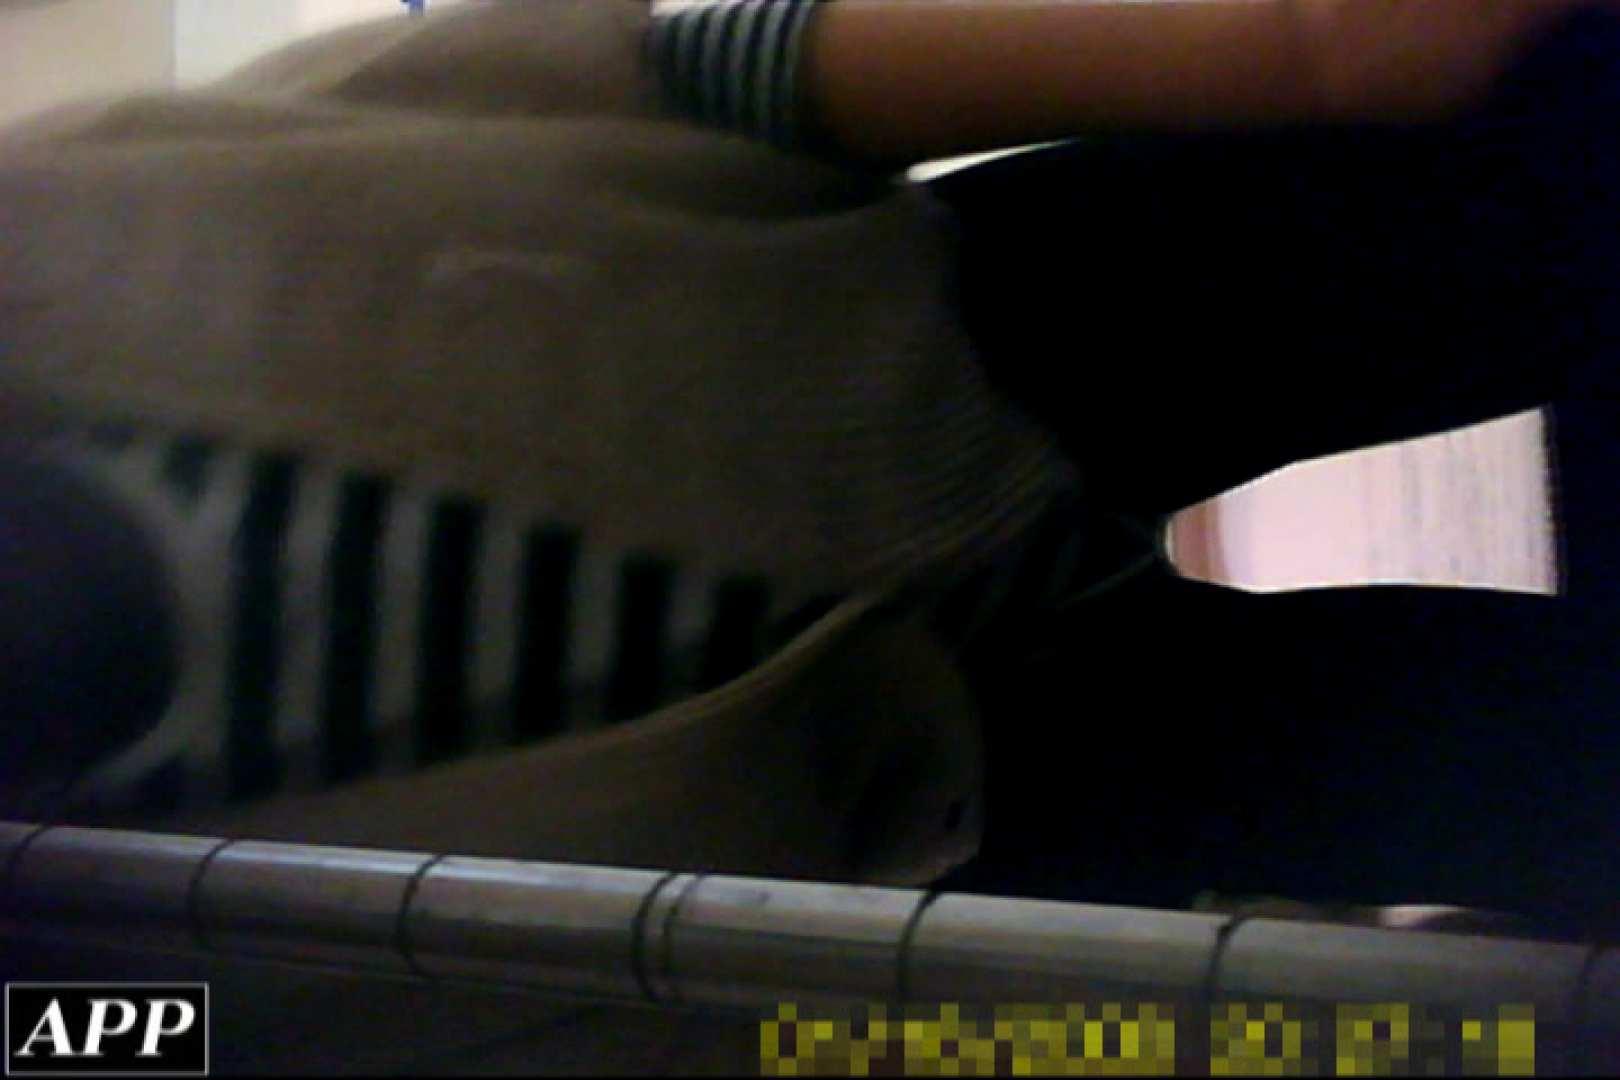 3視点洗面所 vol.118 丸出しマンコ エロ画像 104連発 4